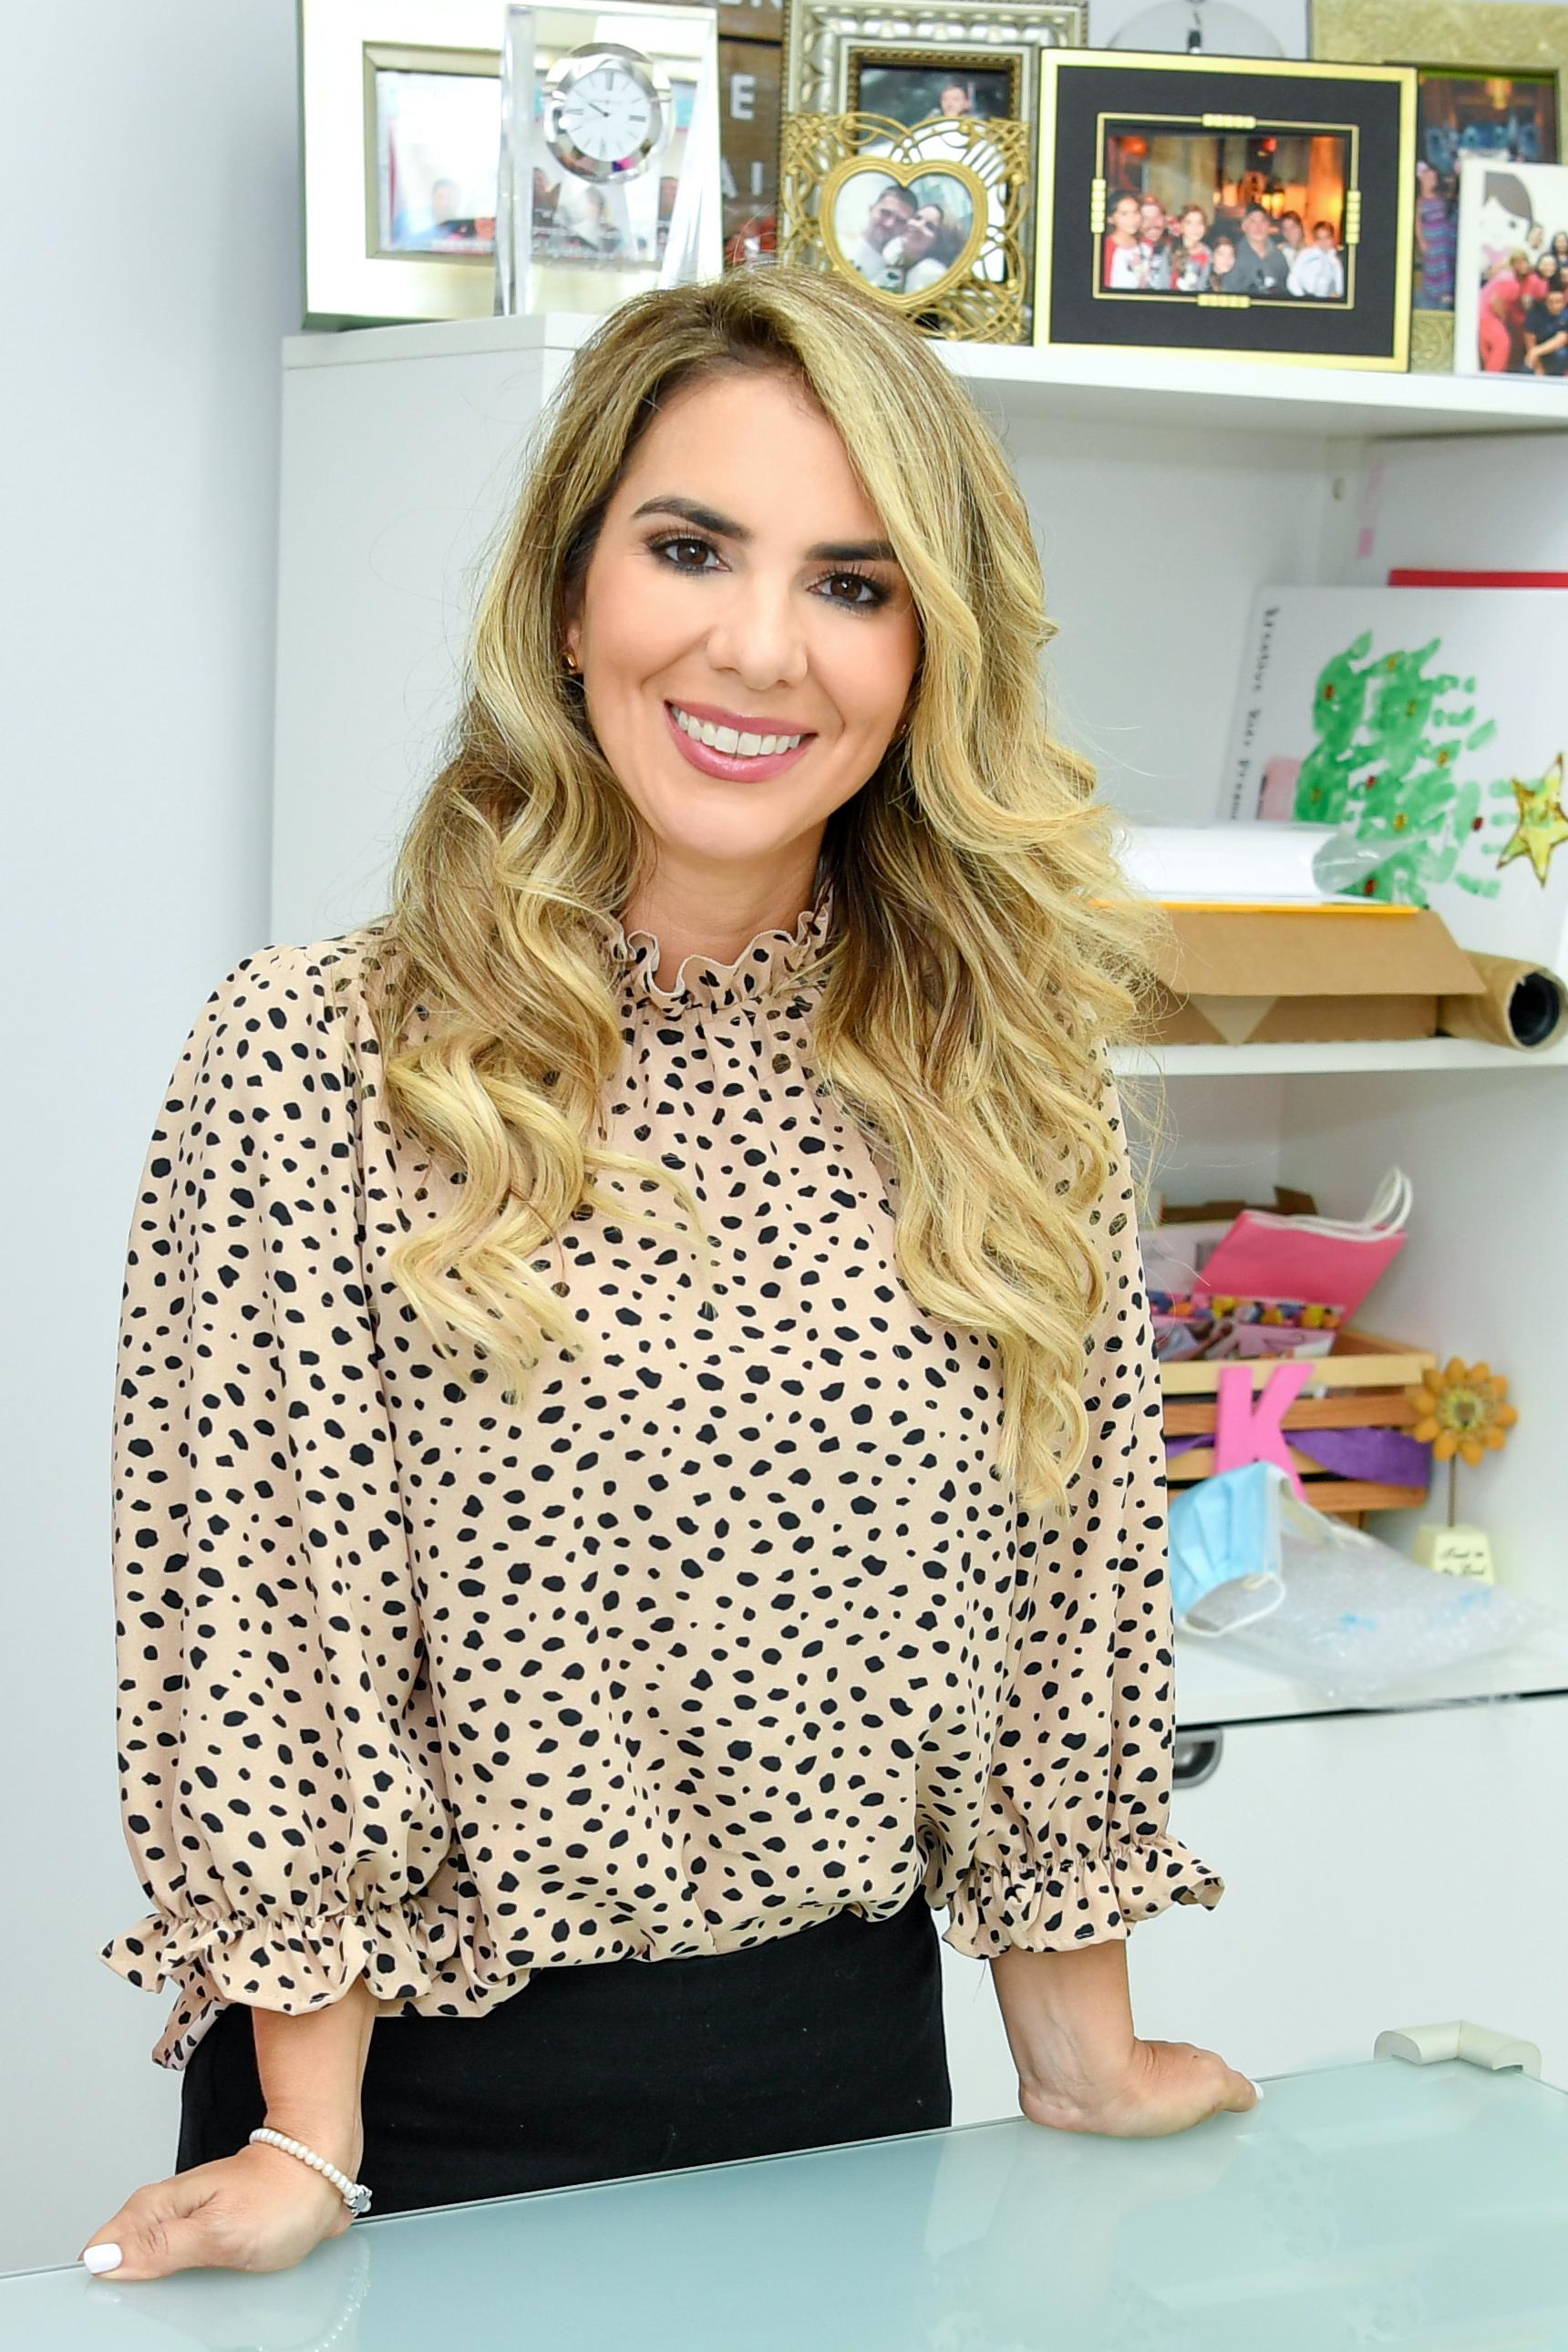 Katy Echevarria